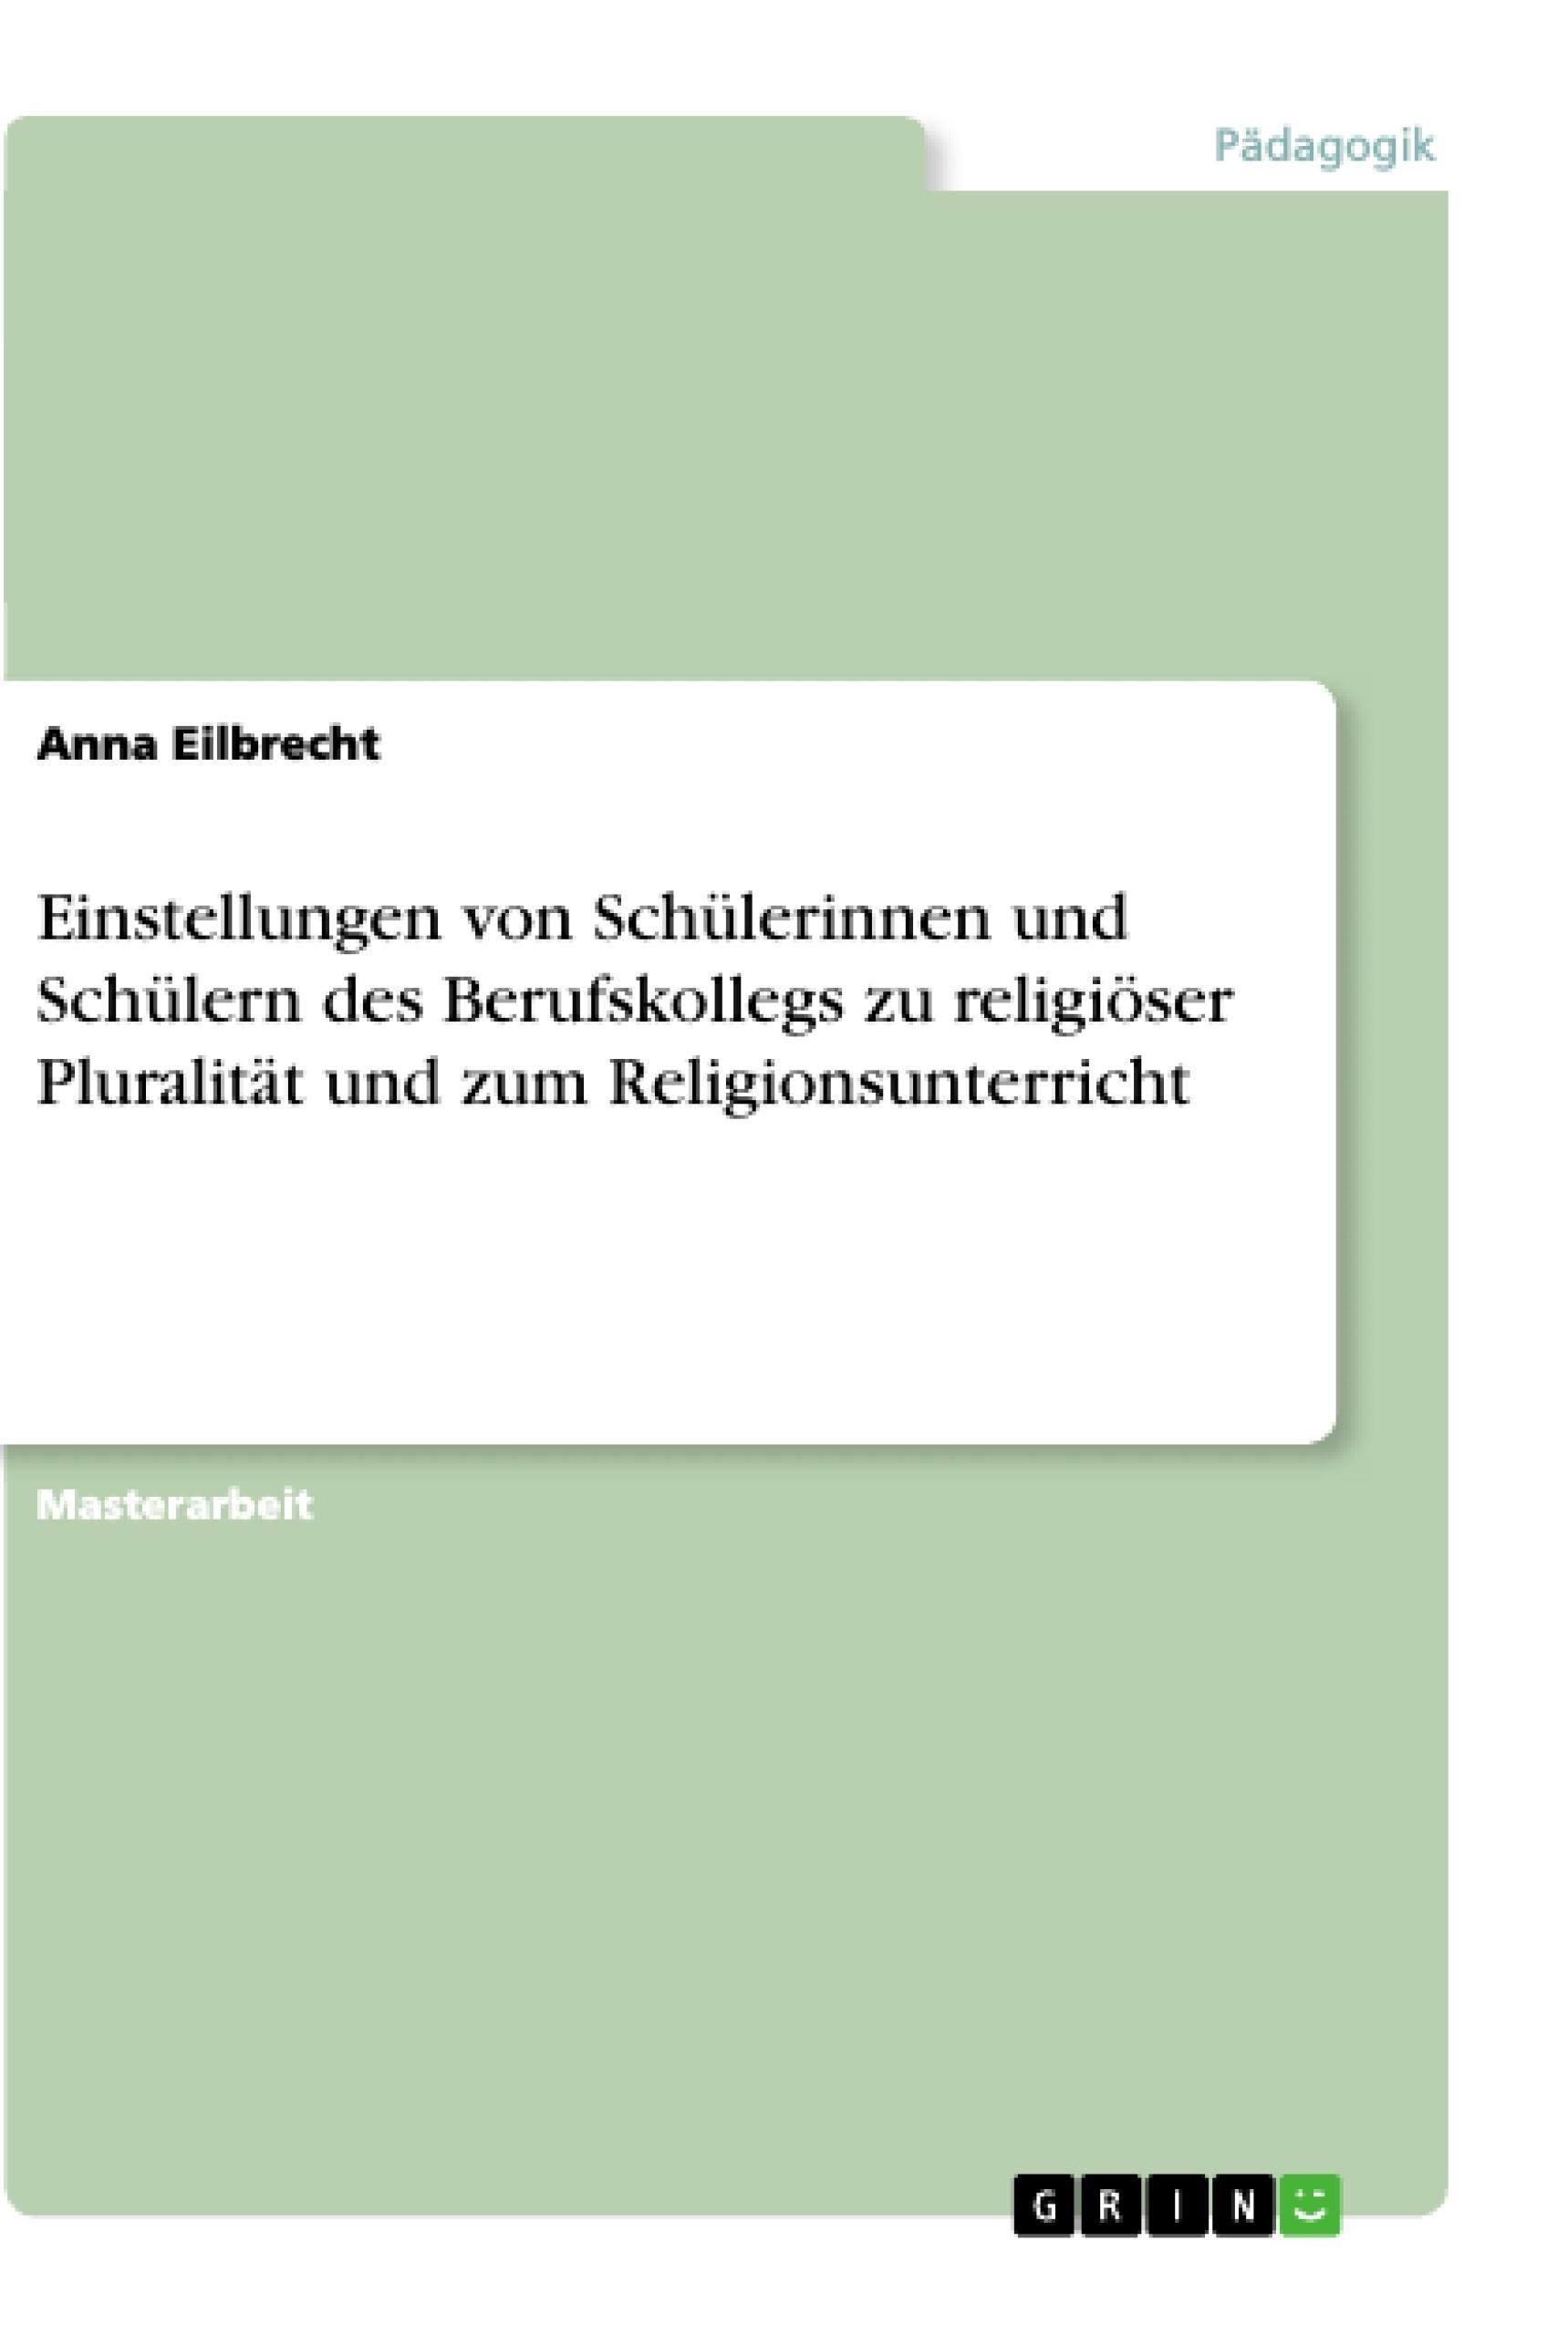 Titel: Einstellungen von Schülerinnen und Schülern des Berufskollegs zu religiöser Pluralität und zum Religionsunterricht